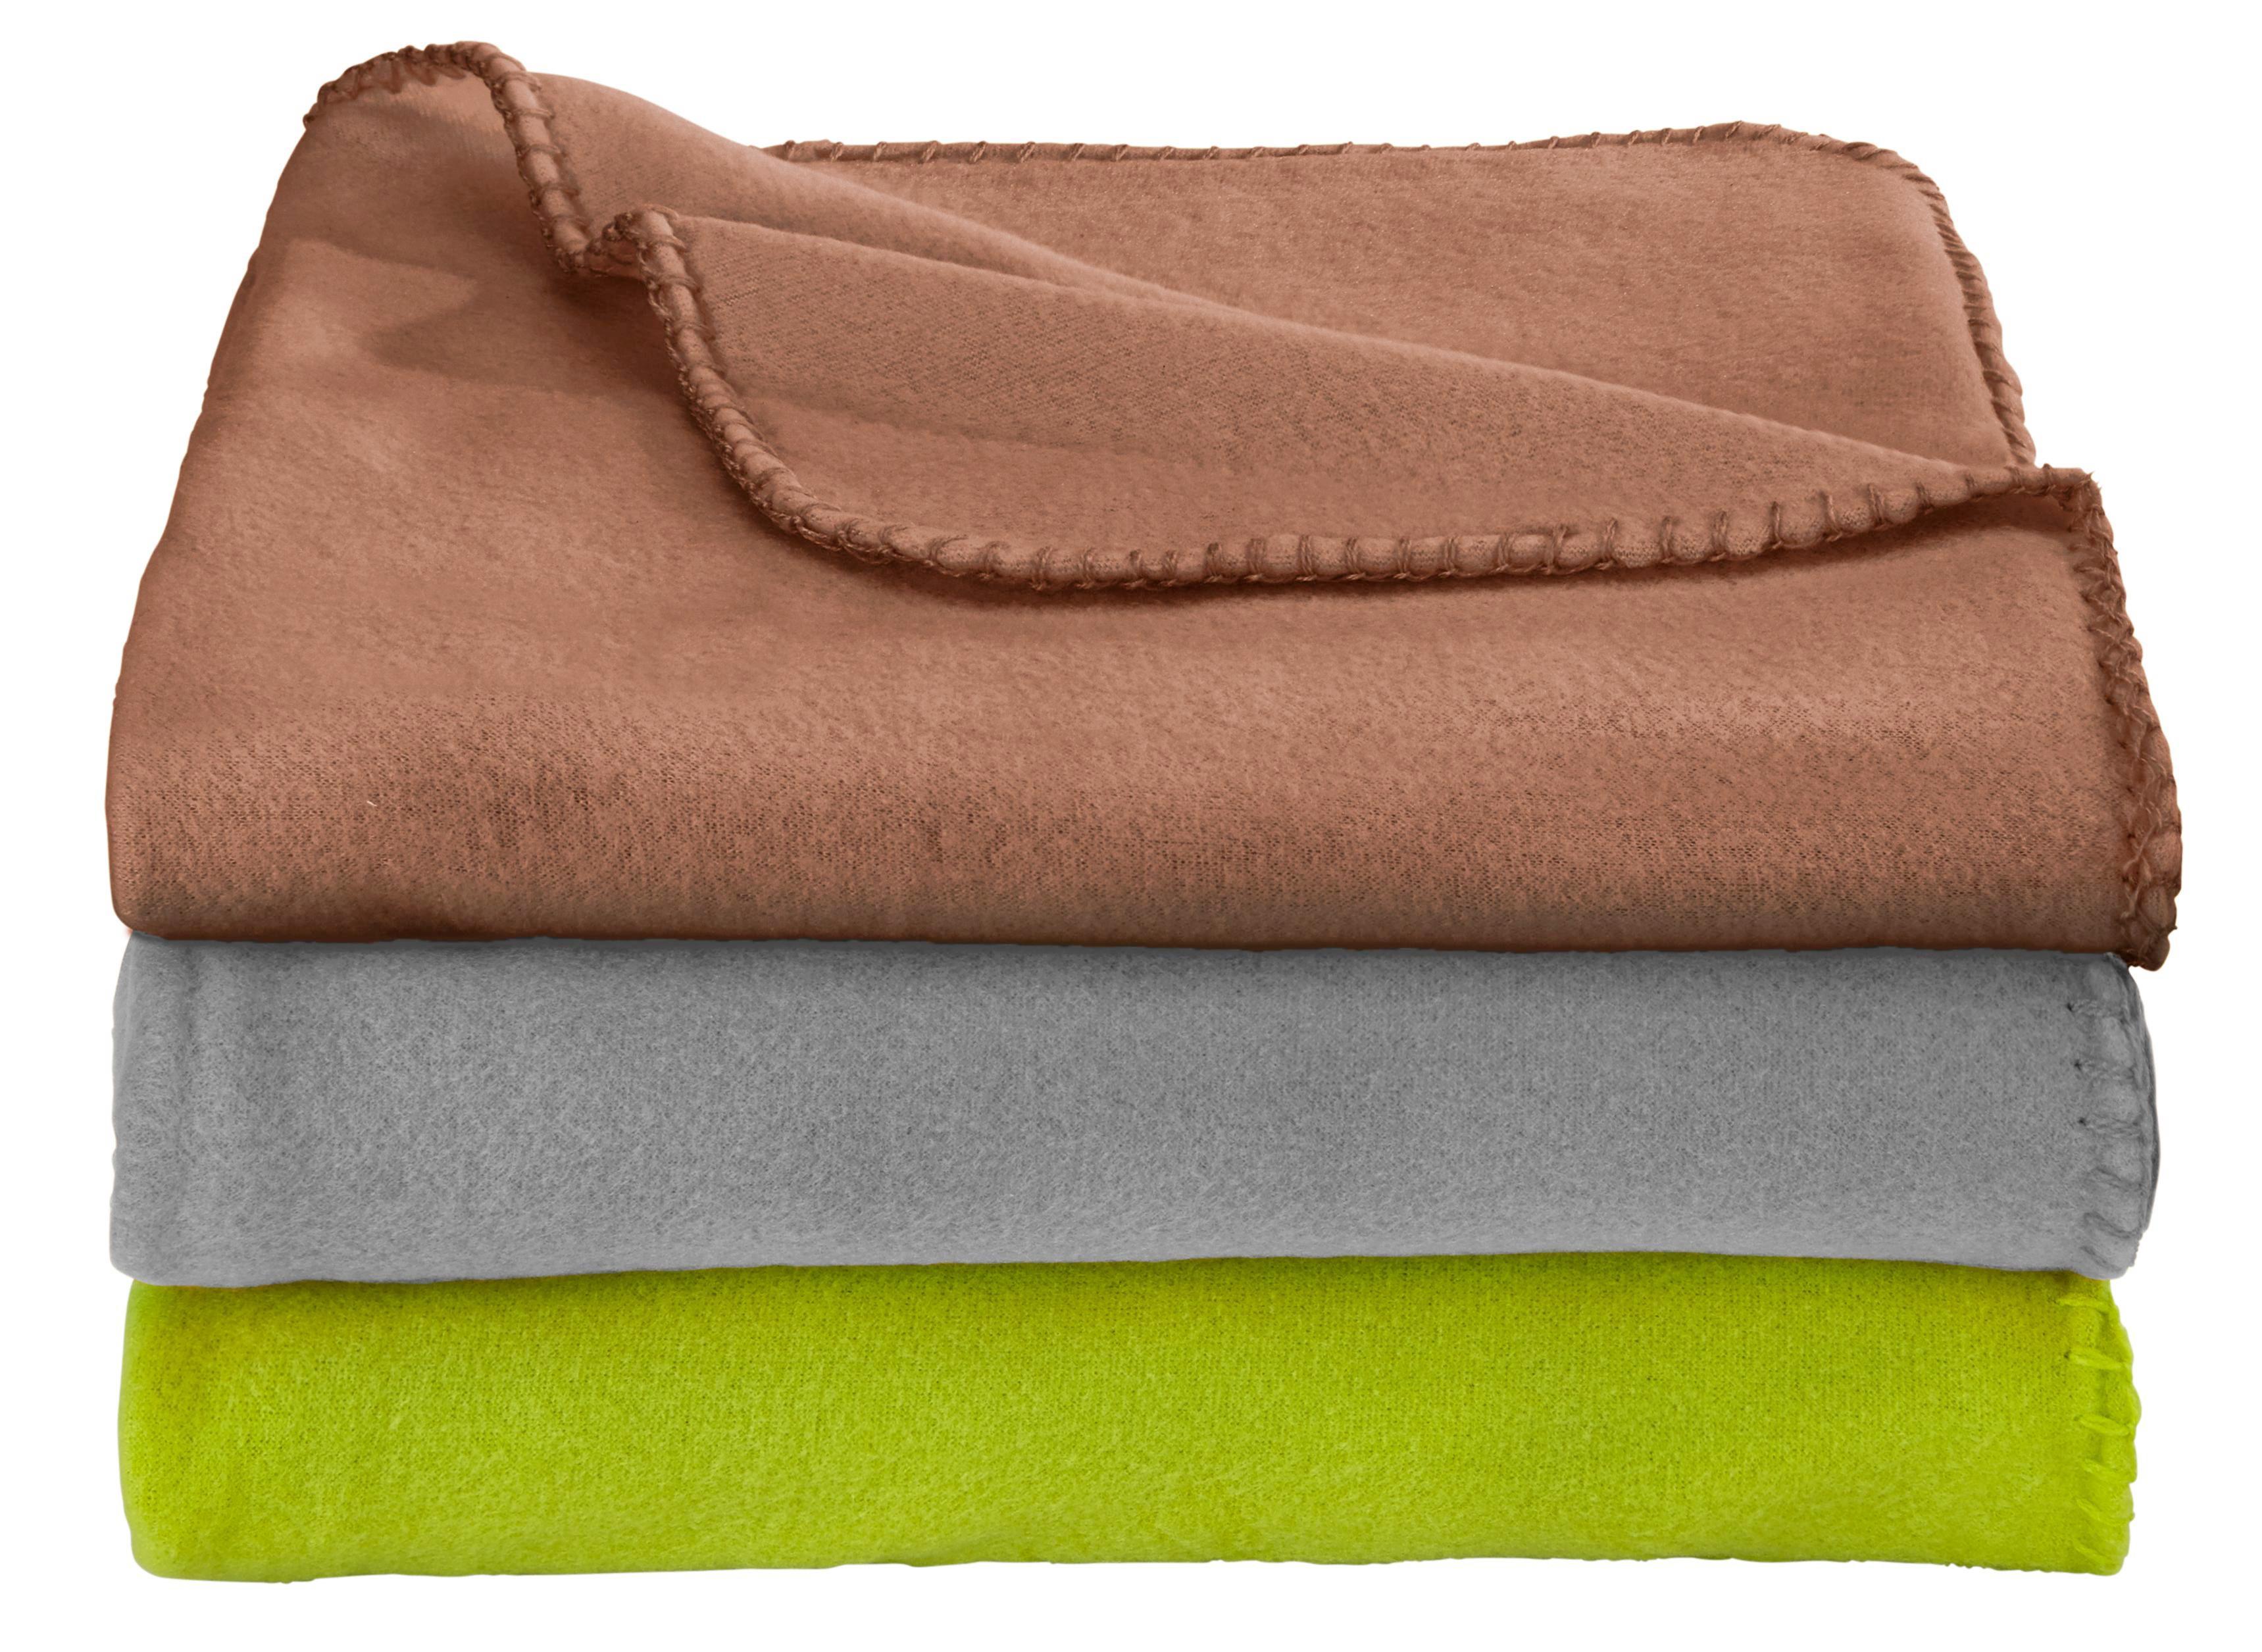 Decke nach waschen nicht mehr flauschig